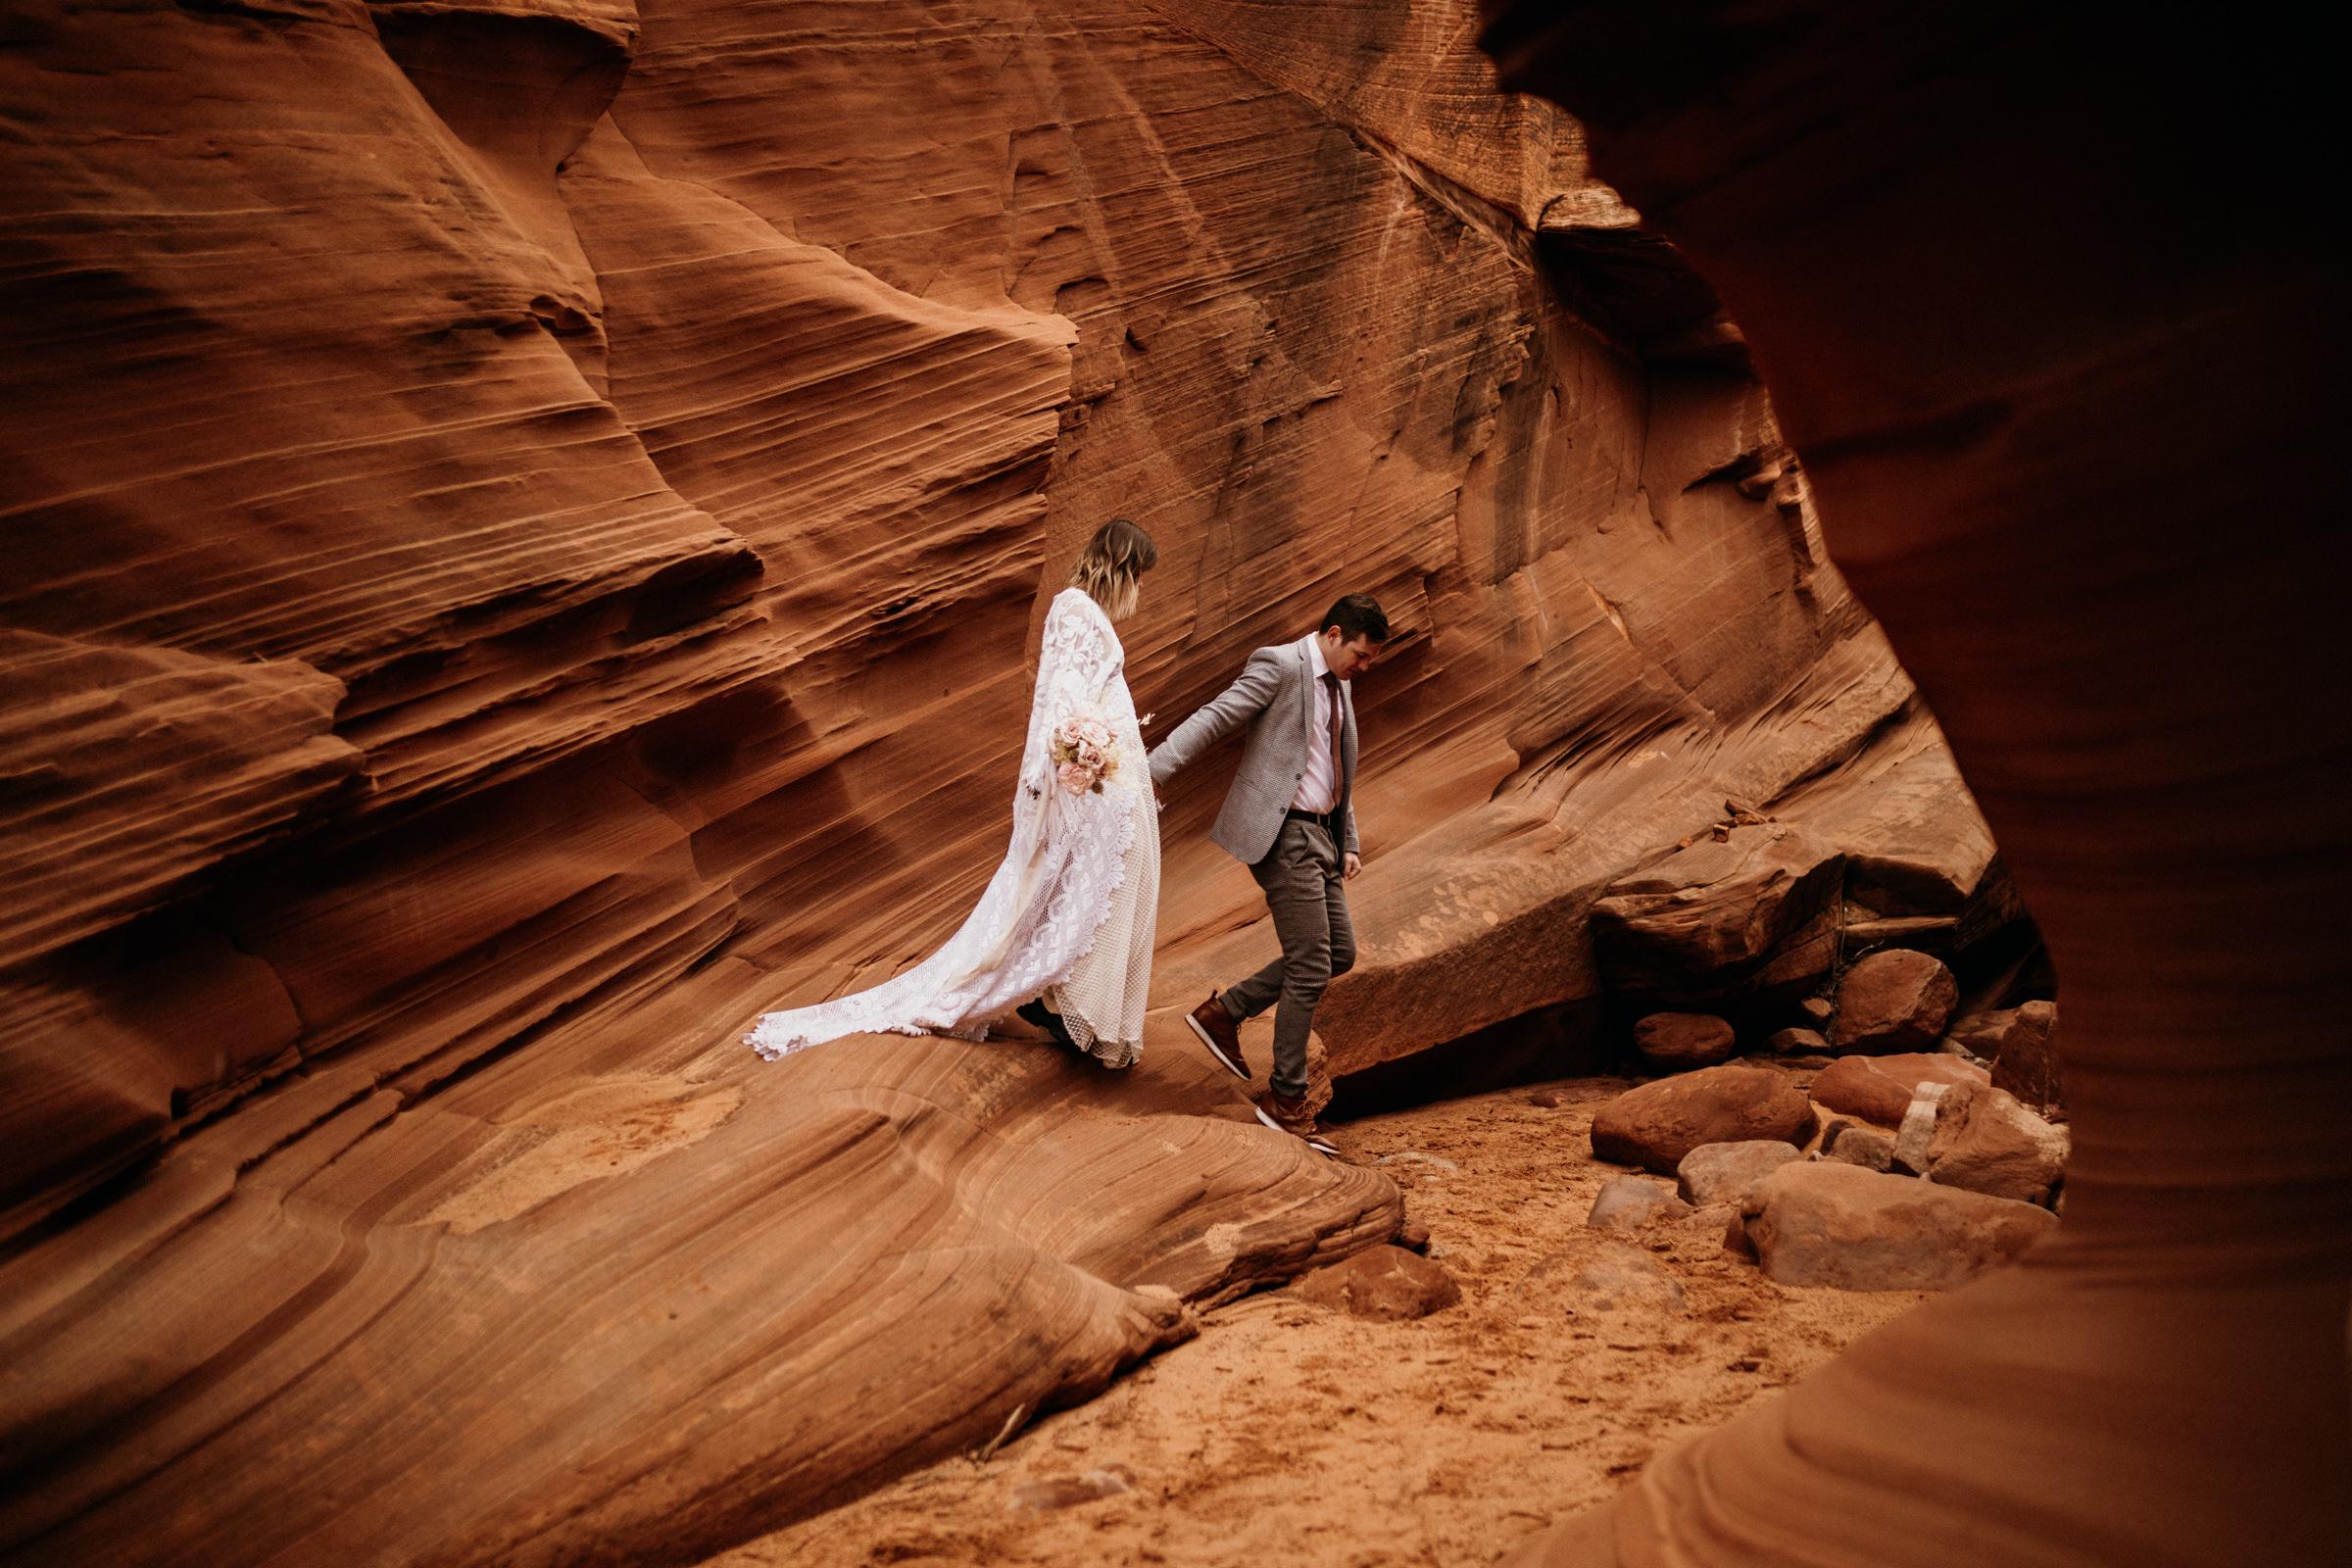 bohemian-styled-elopement-wedding-walking-through-canyon.jpg